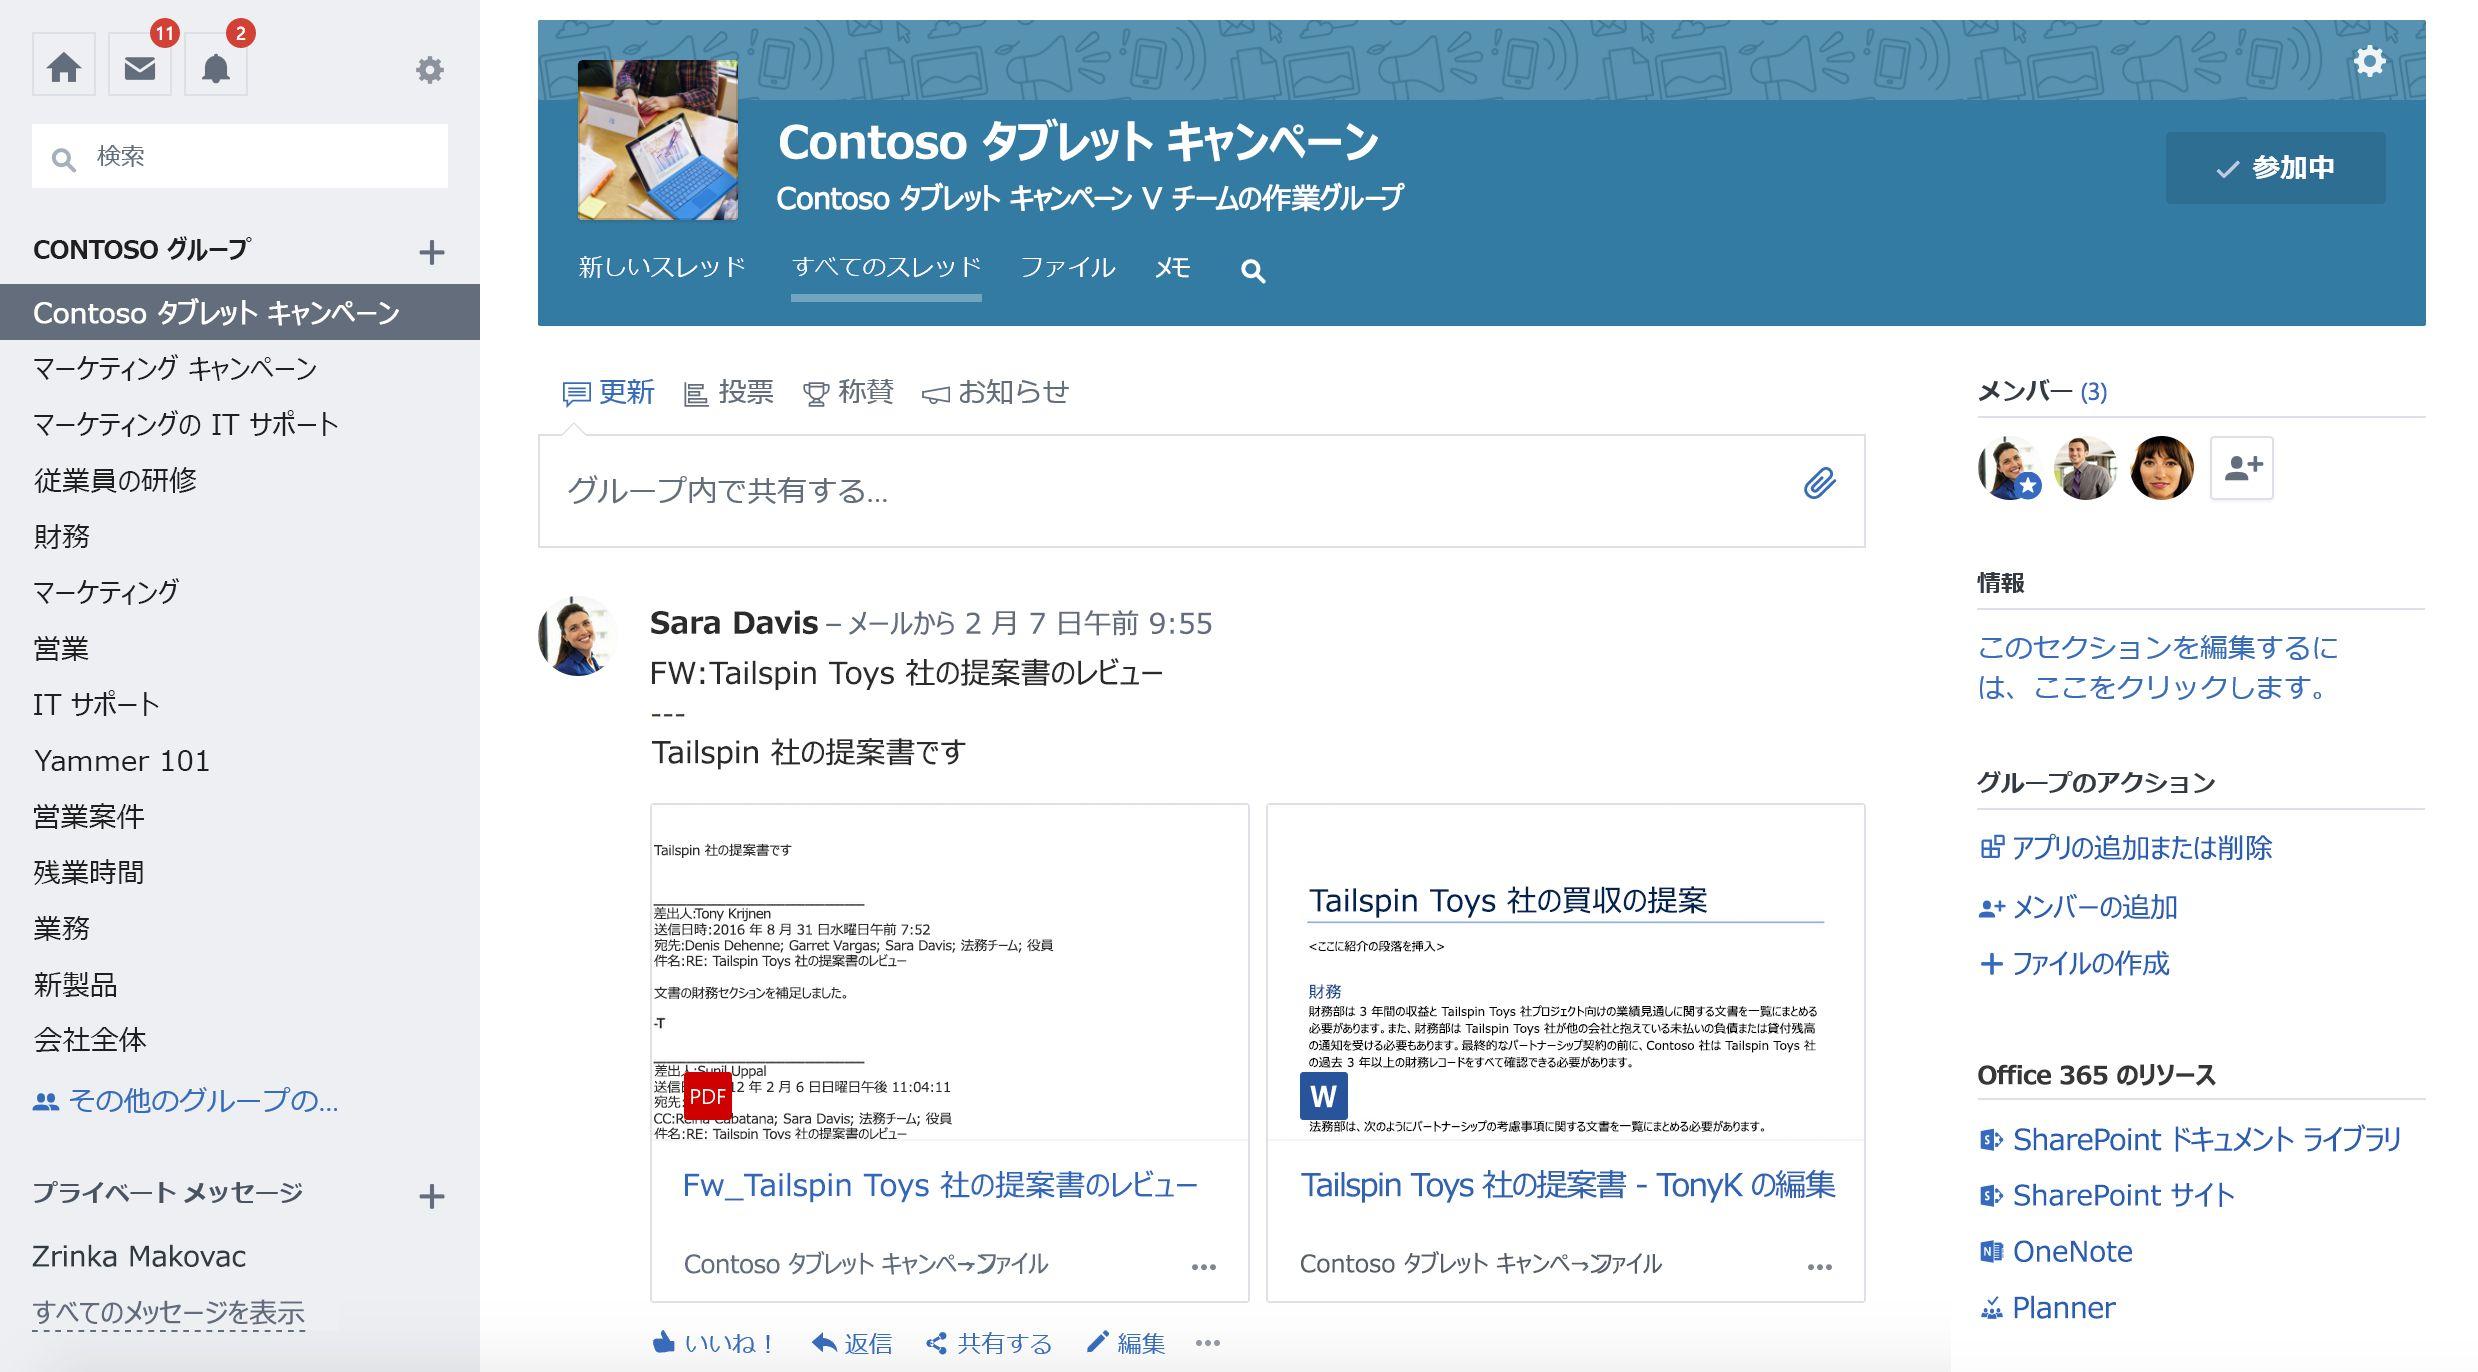 Office 365 のスクリーン ショットには、Yammer グループの会話が接続されています。